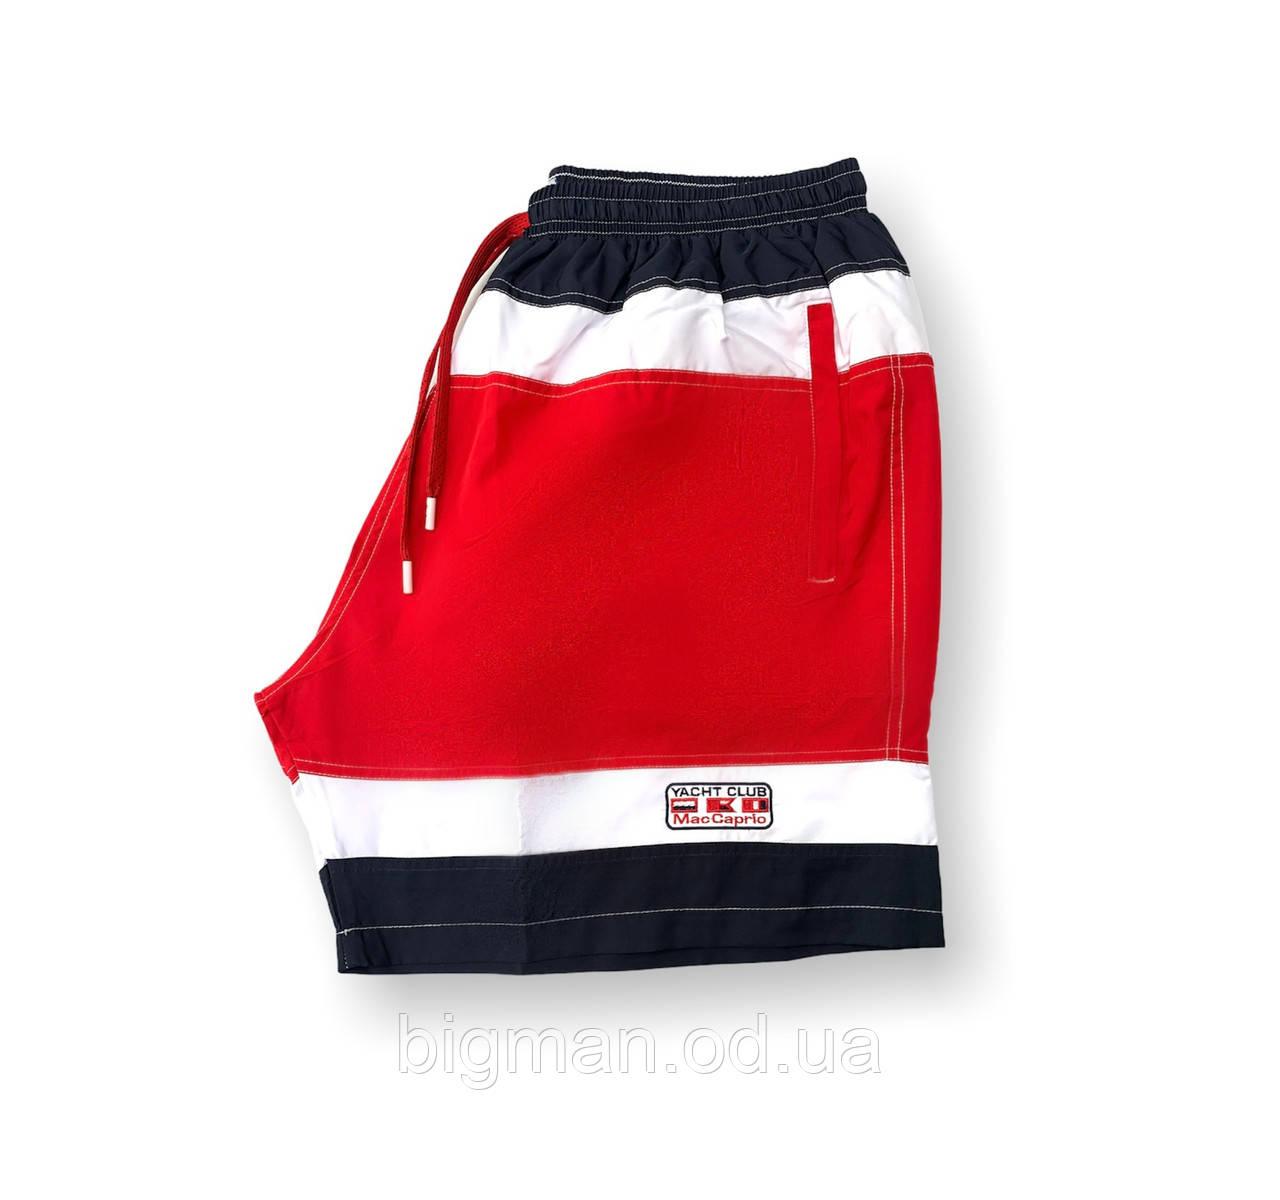 Мужские батальные синие плавательные шорты/плавки пляжные большие размеры (3XL) Anex Турция